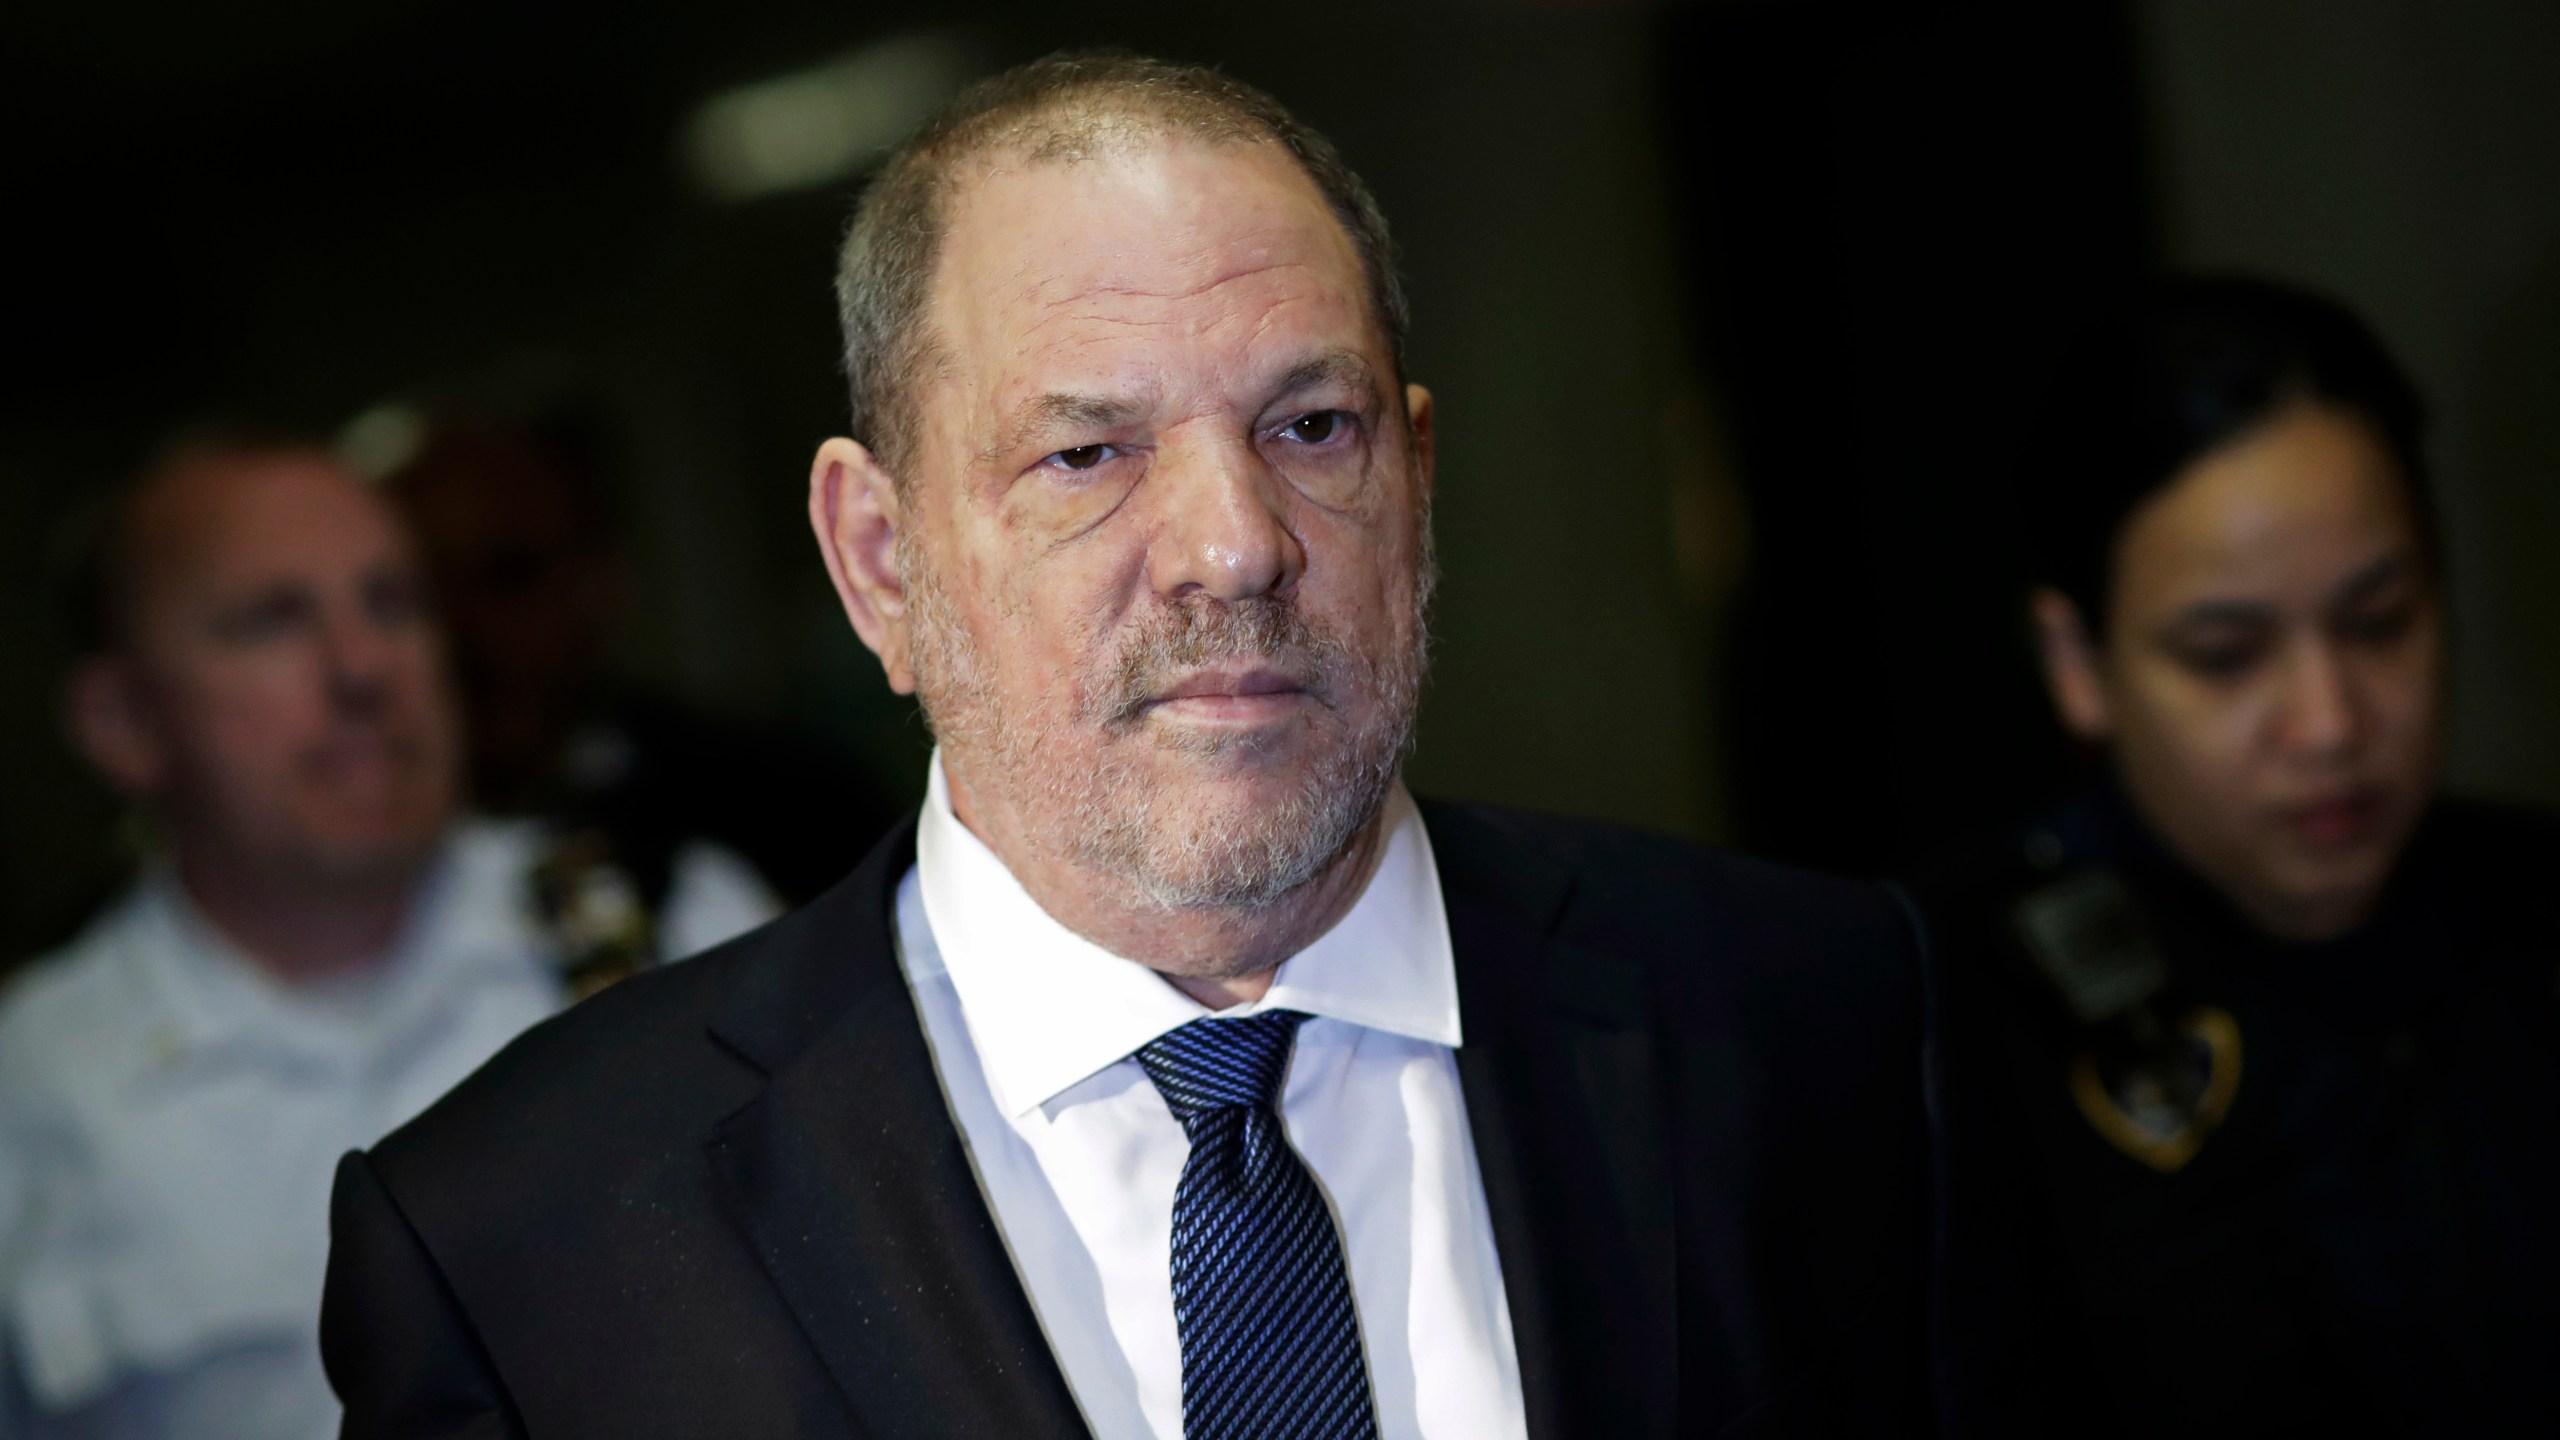 Sexual_Misconduct_Weinstein_33378-159532.jpg89675323